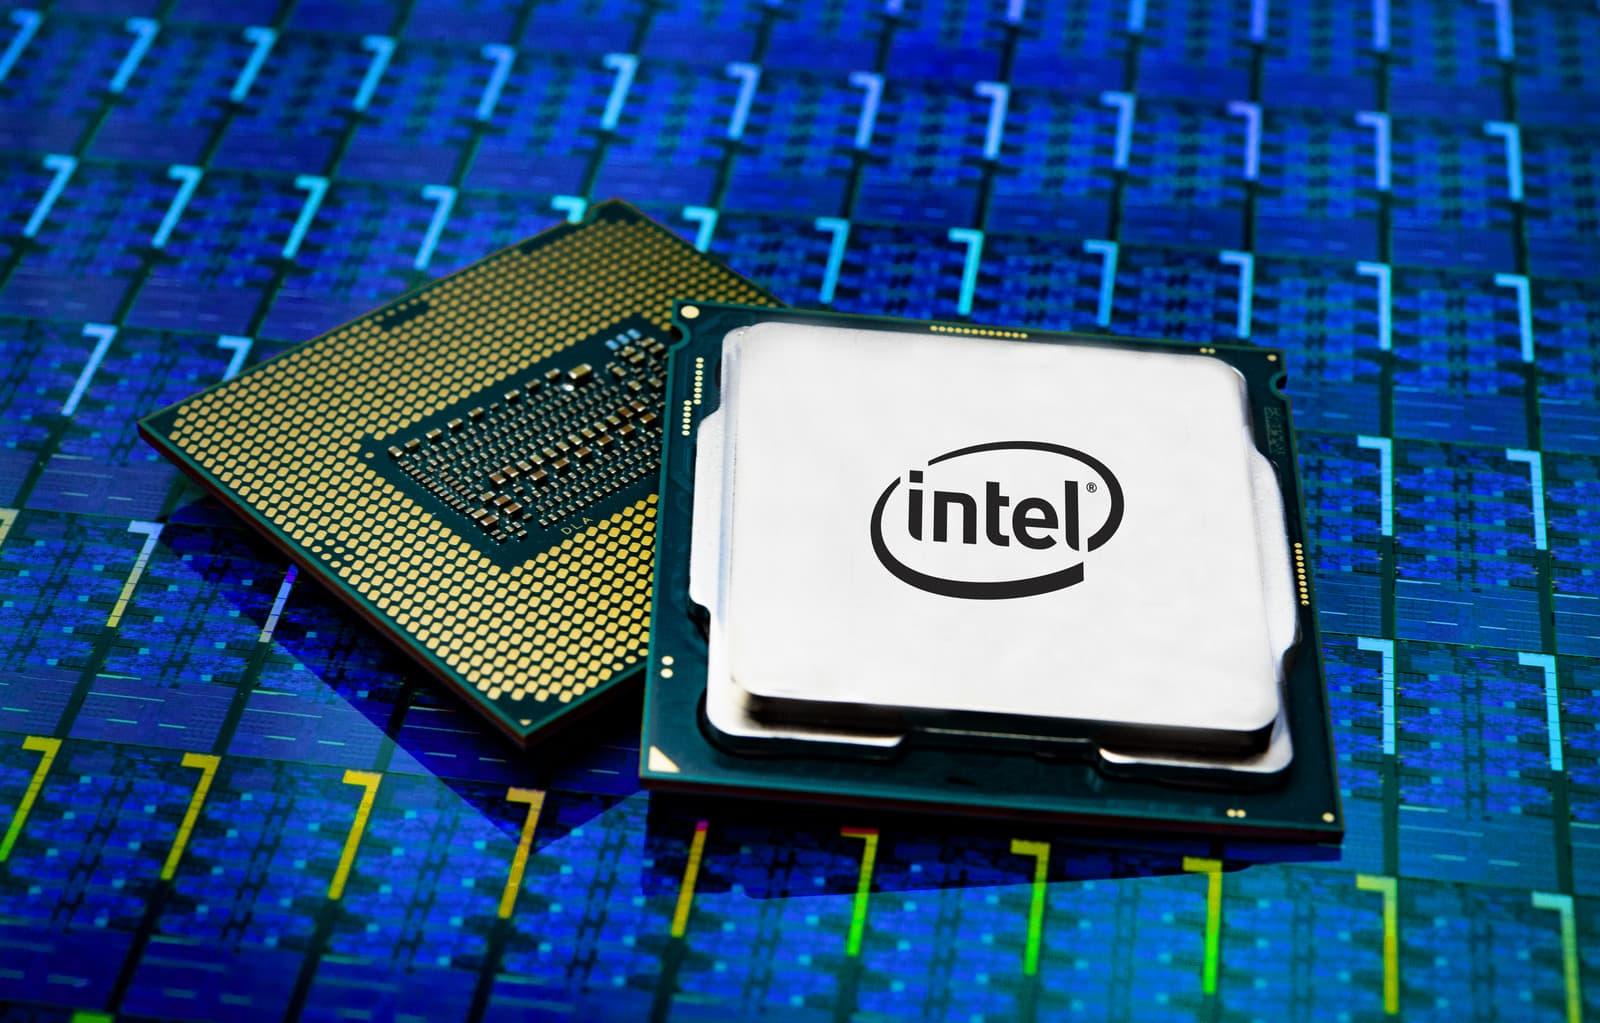 蘋果為何捨棄 Intel 改用自研 ARM處理器?分析告訴你原因